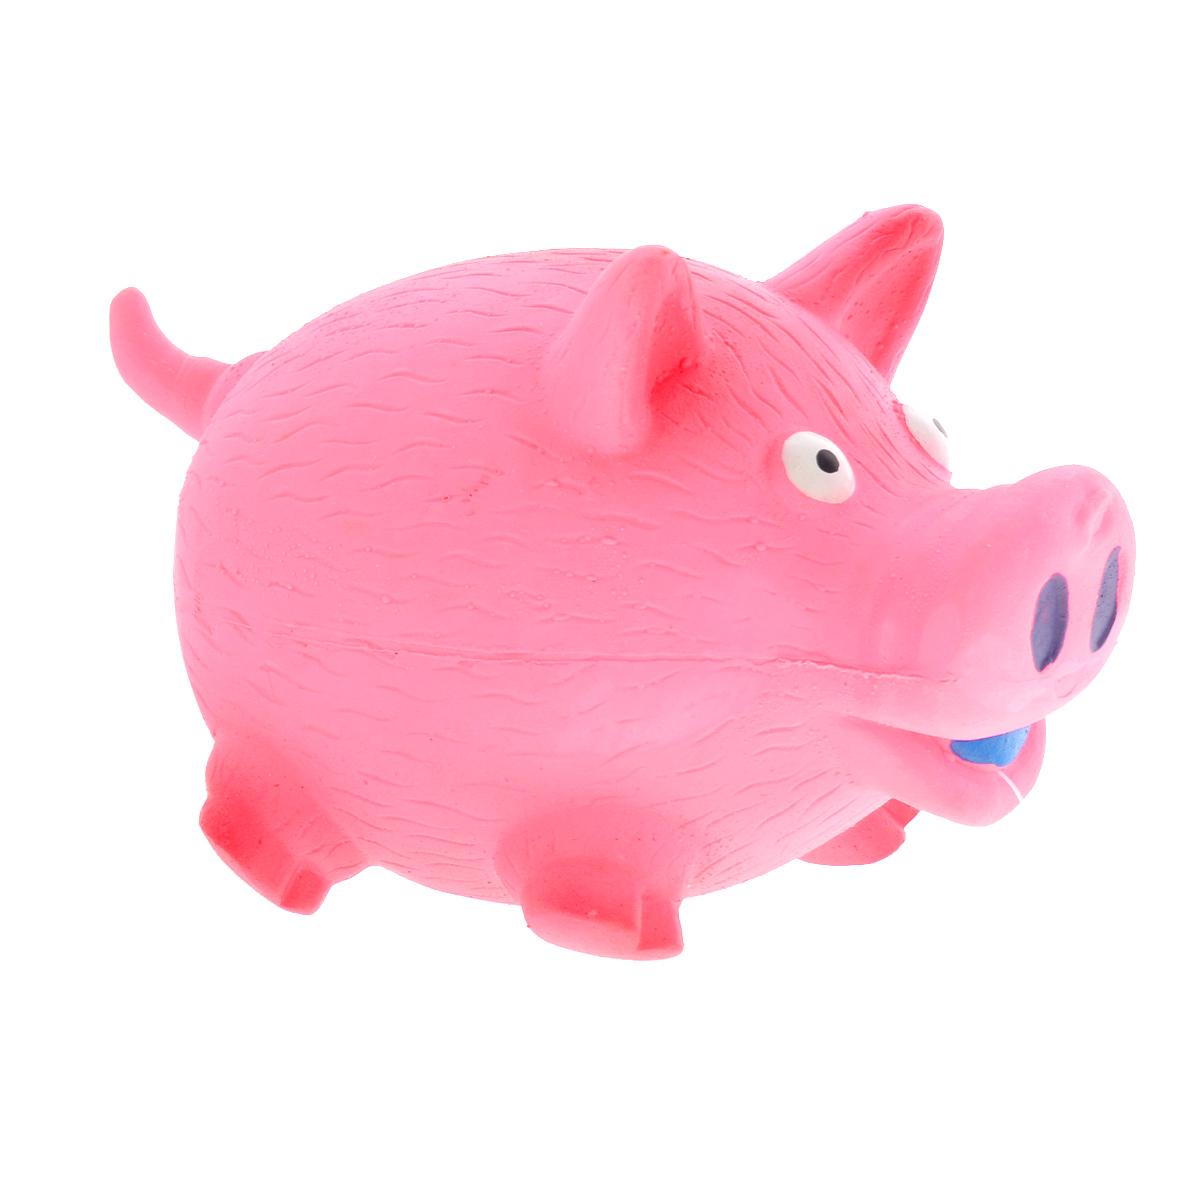 Игрушка для собак V.I.Pet Поросенок, цвет: розовый625524Игрушка V.I.Pet Поросенок изготовлена из латекса с использованием только безопасных, не токсичных красителей. Великолепно подходит для игры и массажа десен вашей собаки.Забавный поросенок при надавливании или захвате пастью пищит. Такая игрушка порадует вашего любимца, а вам доставит массу приятных эмоций, ведь наблюдать за игрой всегда интересно и приятно. Оставшись в одиночестве, ваша собака будет увлеченно играть в эту игрушку.